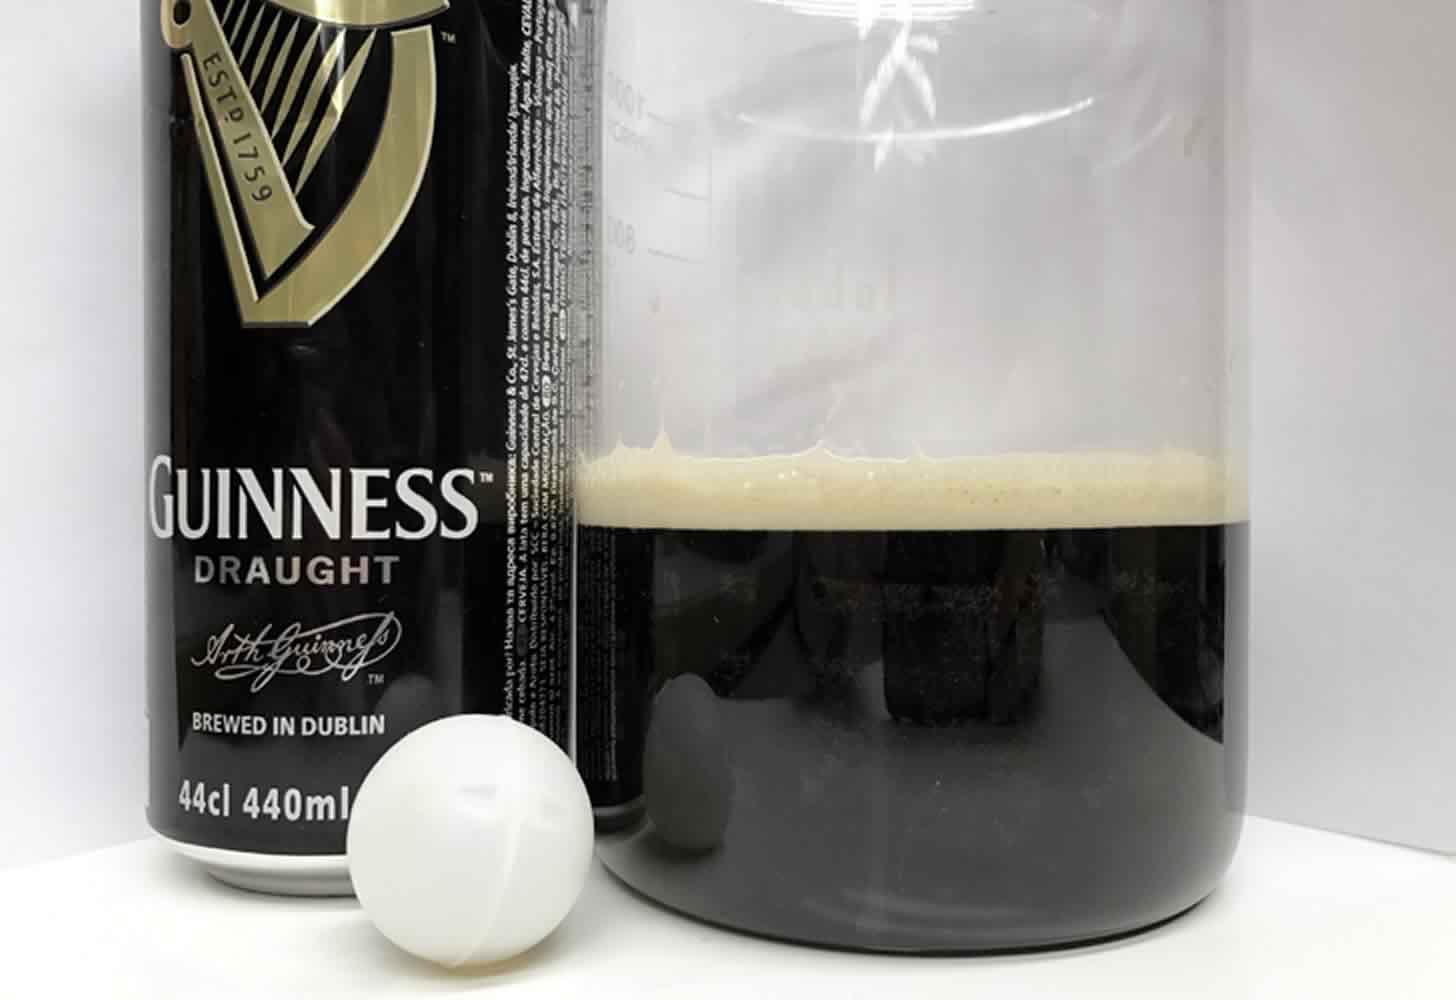 ? пиво guinness с азотной капсулой - зачем она нужна